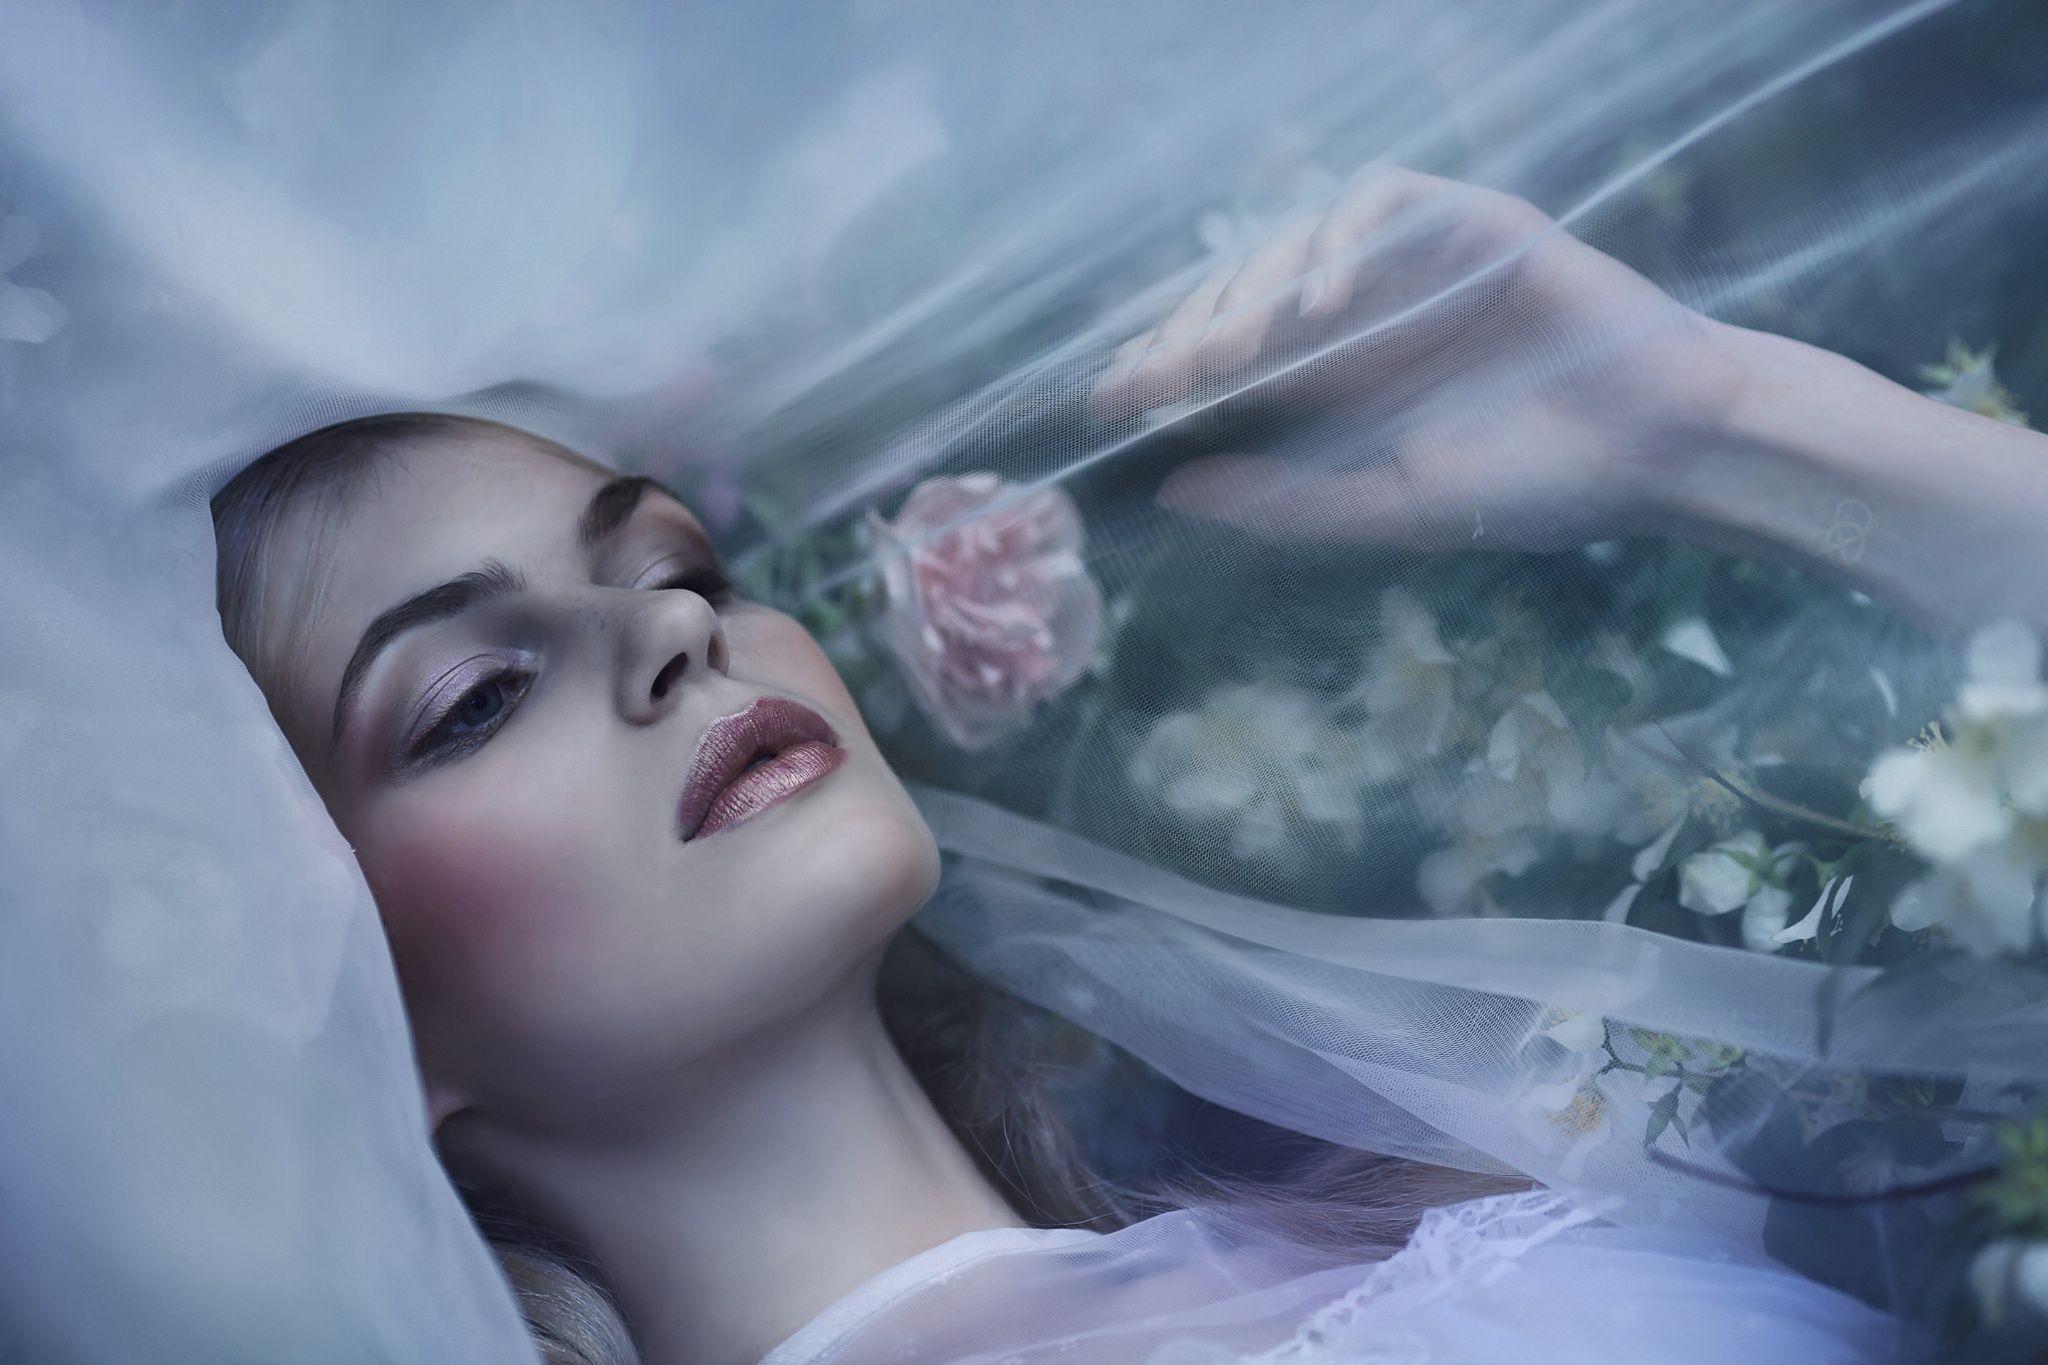 Эффект Телегонии, он же Образ Духа и Крови первого и не совсем первого мужчины, он же Отпечатки мужчин на теле женщины